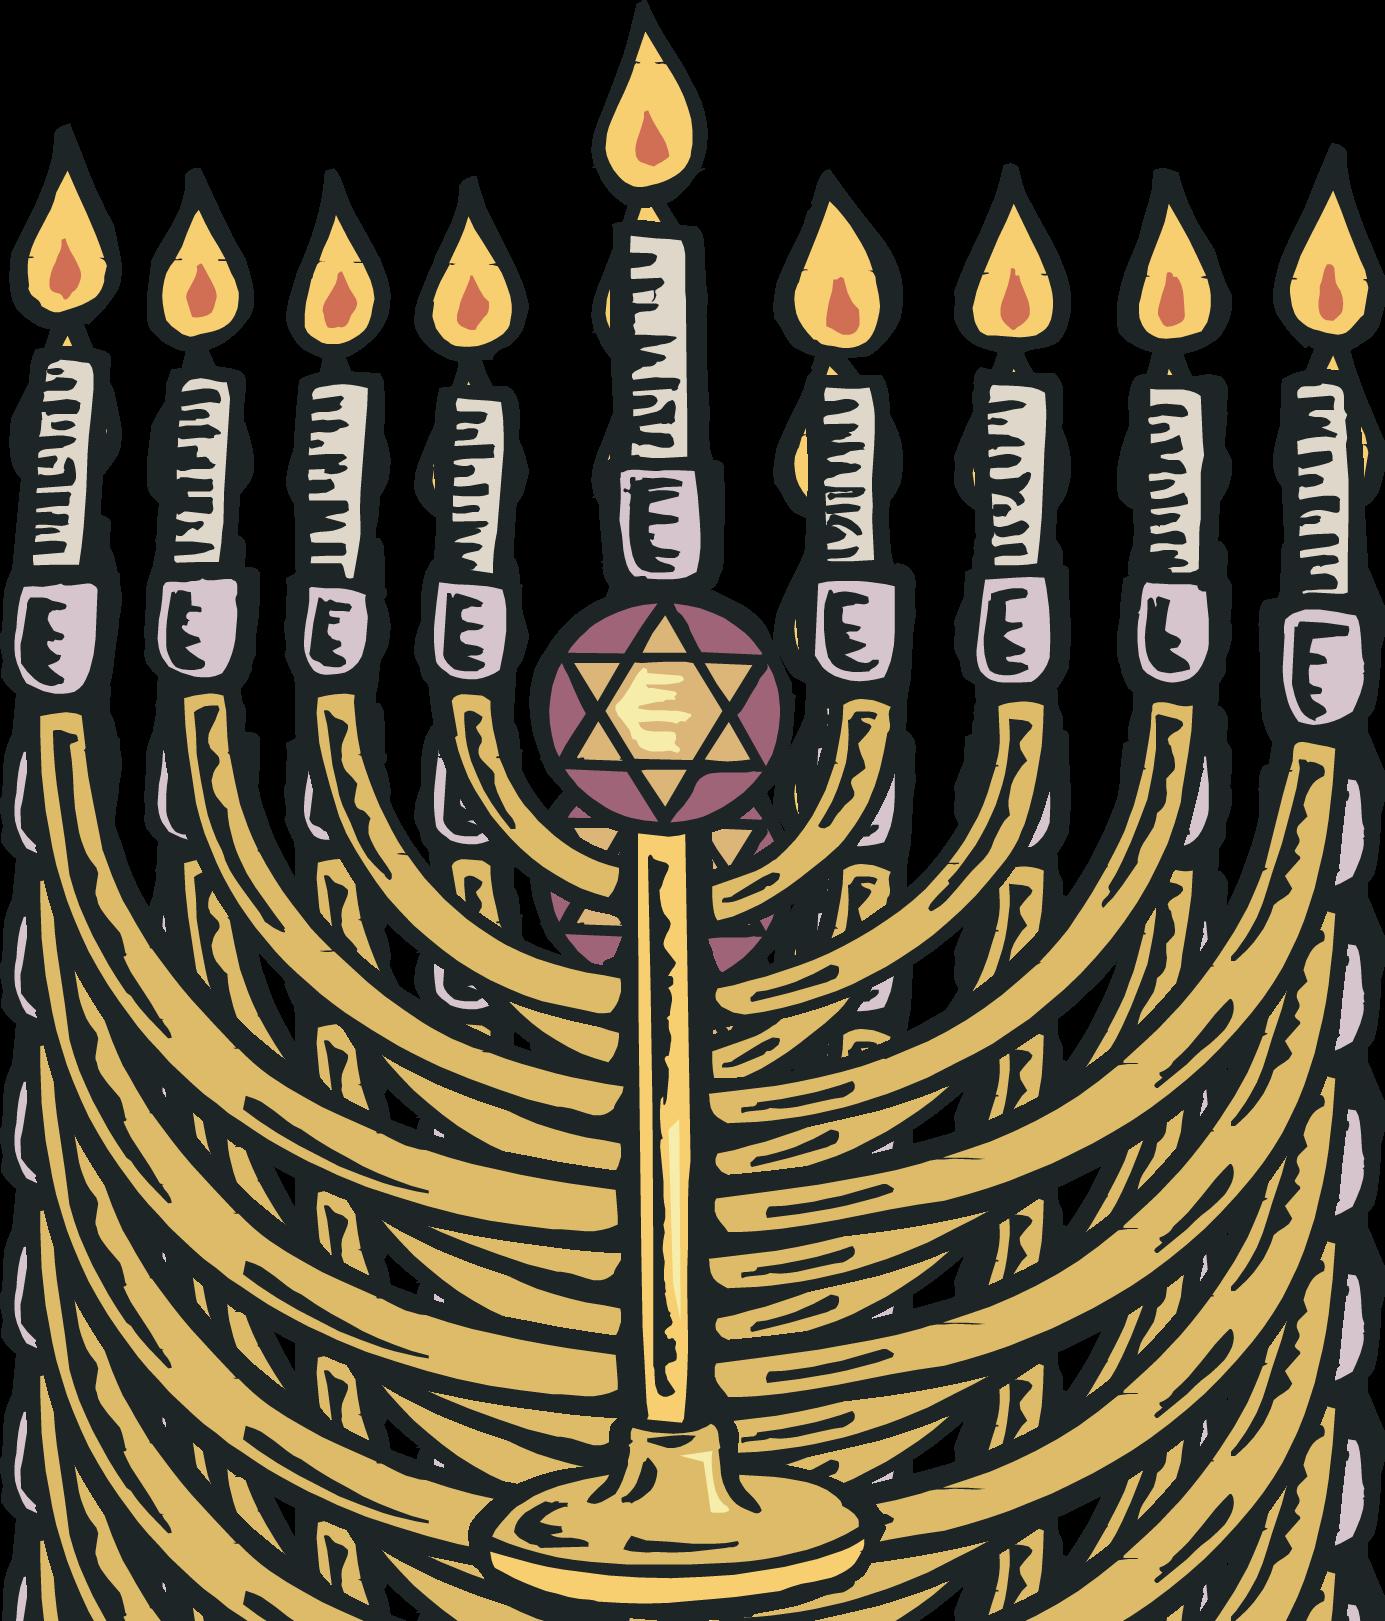 ... Hanukkah 20clipart - Free Clipart Images